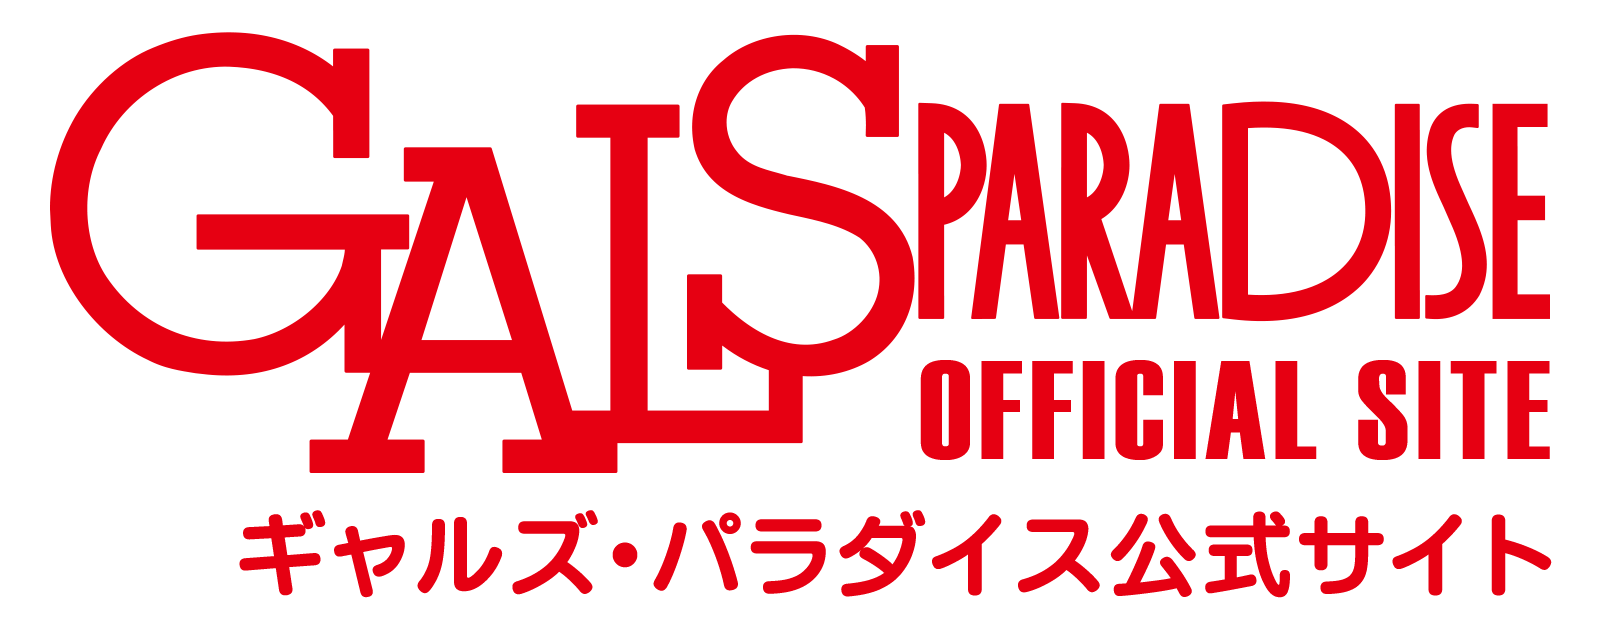 【公式】レースクイーン応援サイト GALSPARADISE ギャルズパラダイス